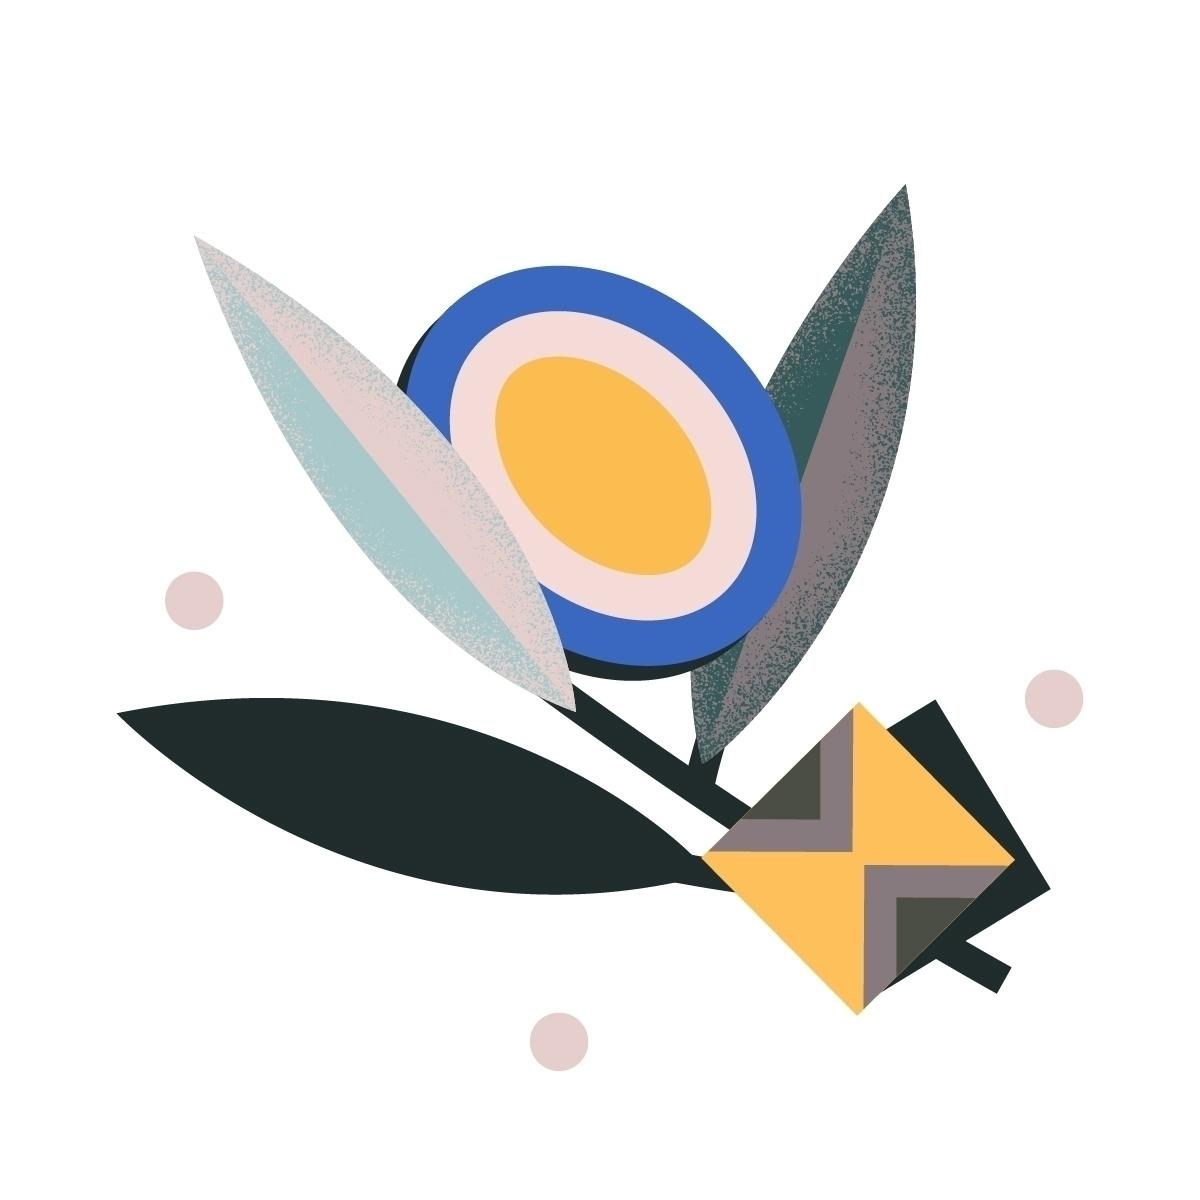 Web module illustrations cooper - daniel_triendl | ello